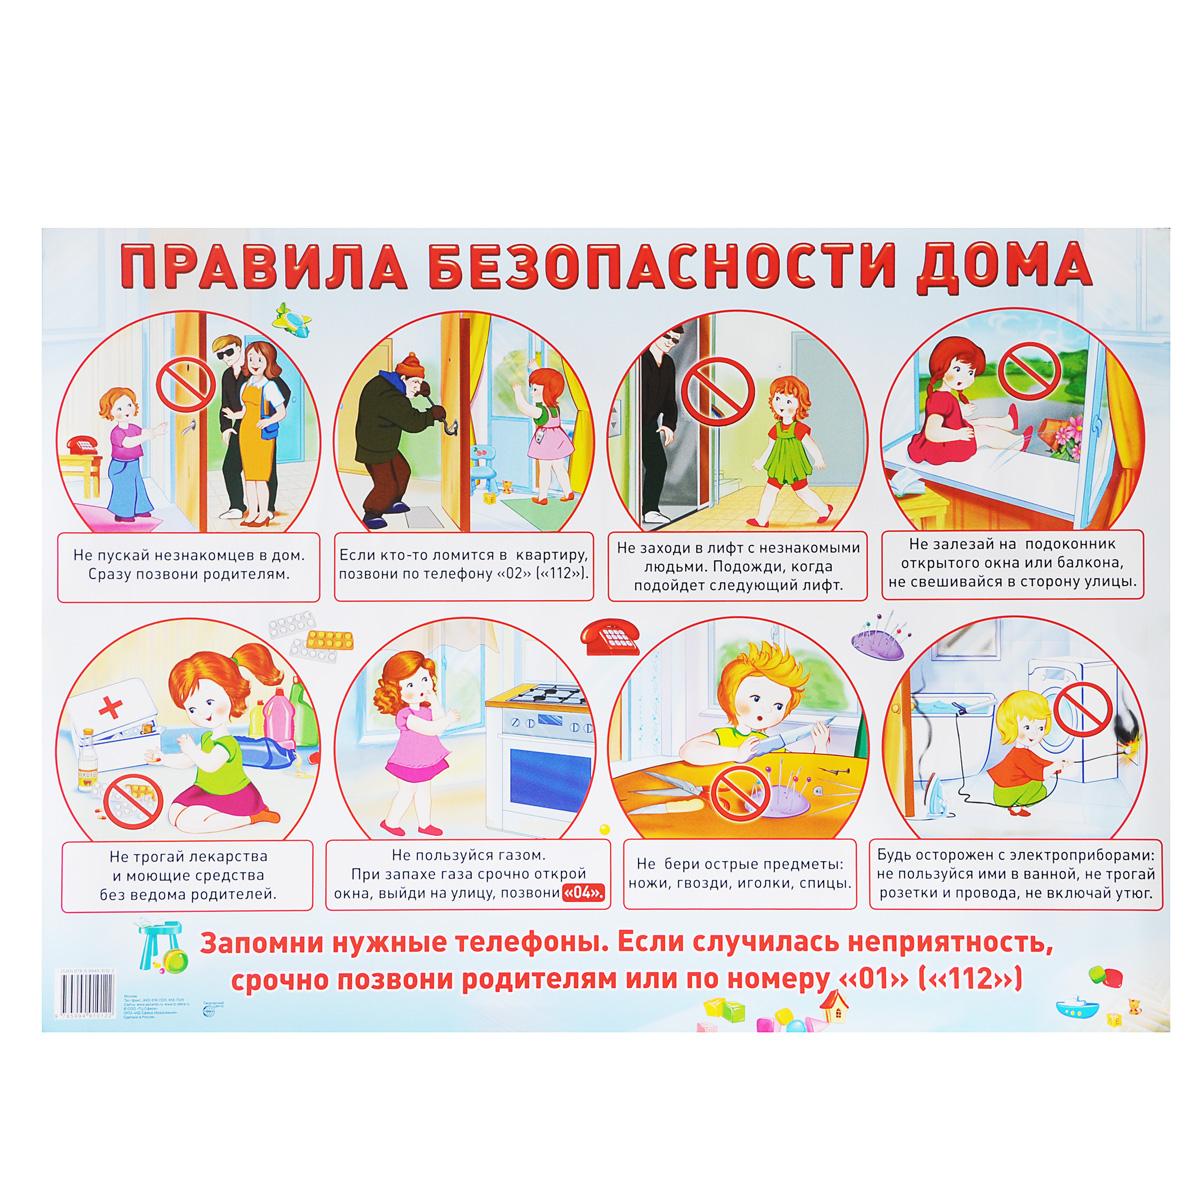 Правила безопасности дома. Плакат